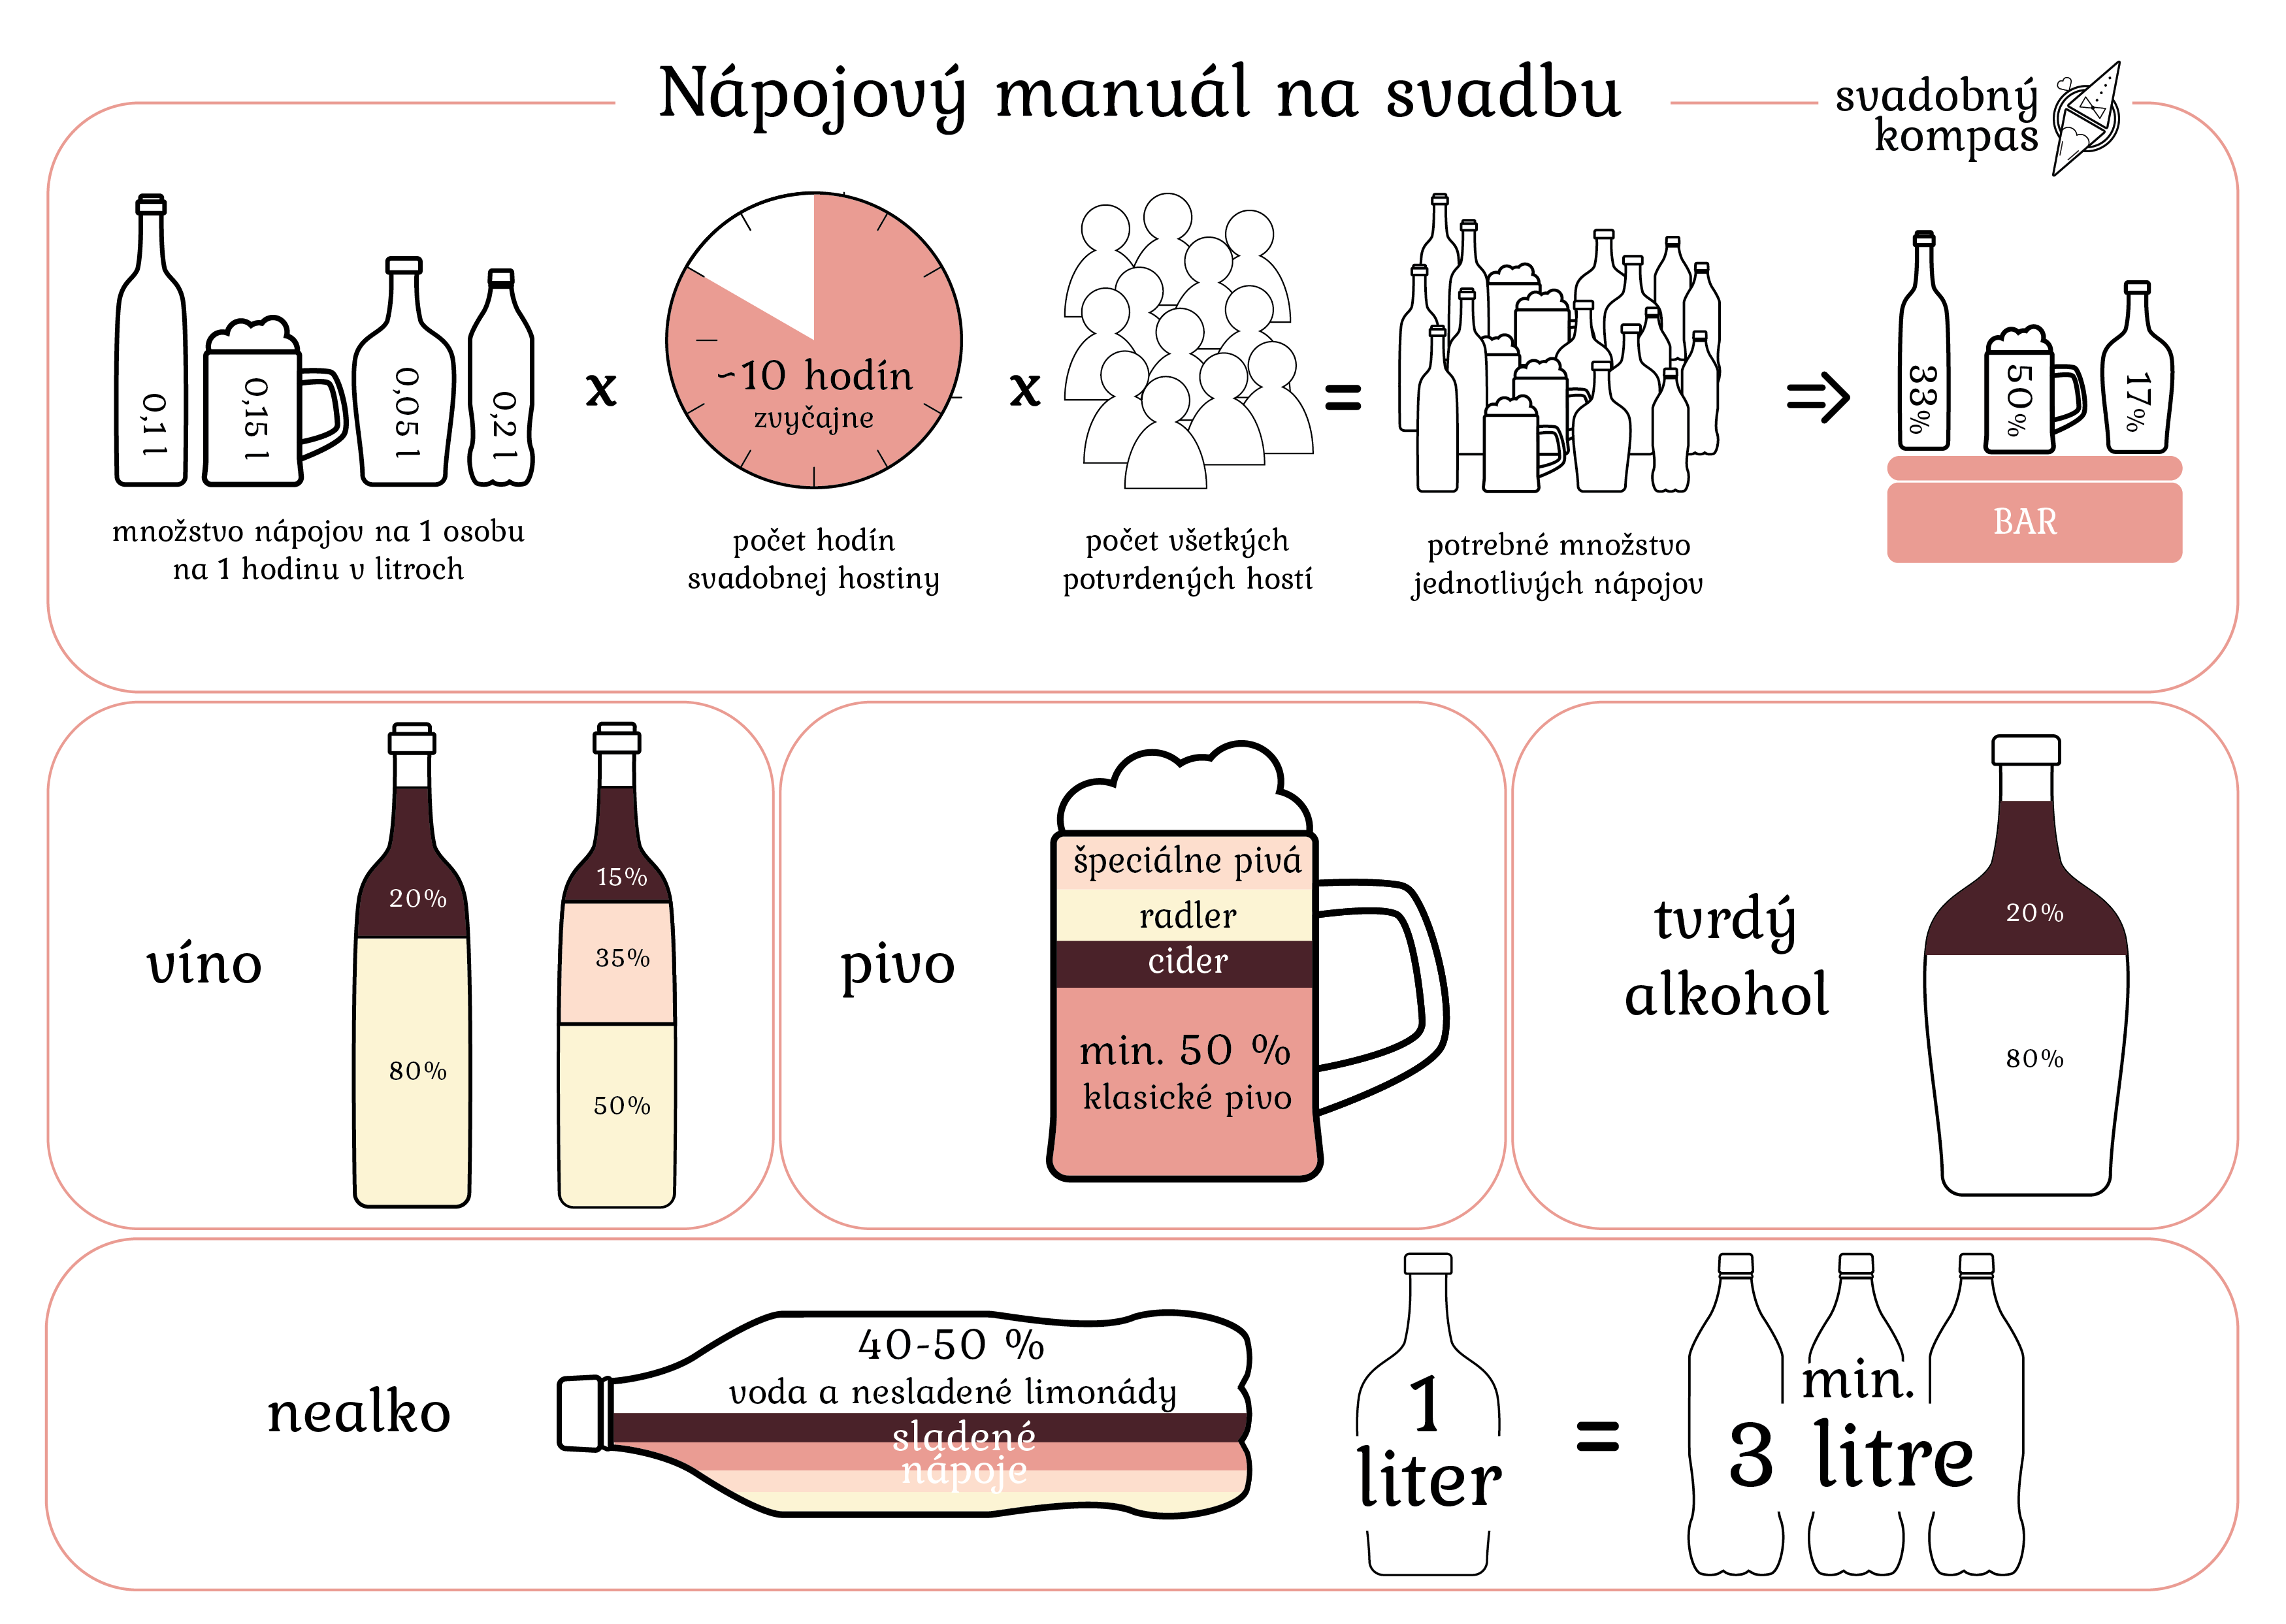 nápojový manuál na svadbu, koľko alkoholu na svadbu